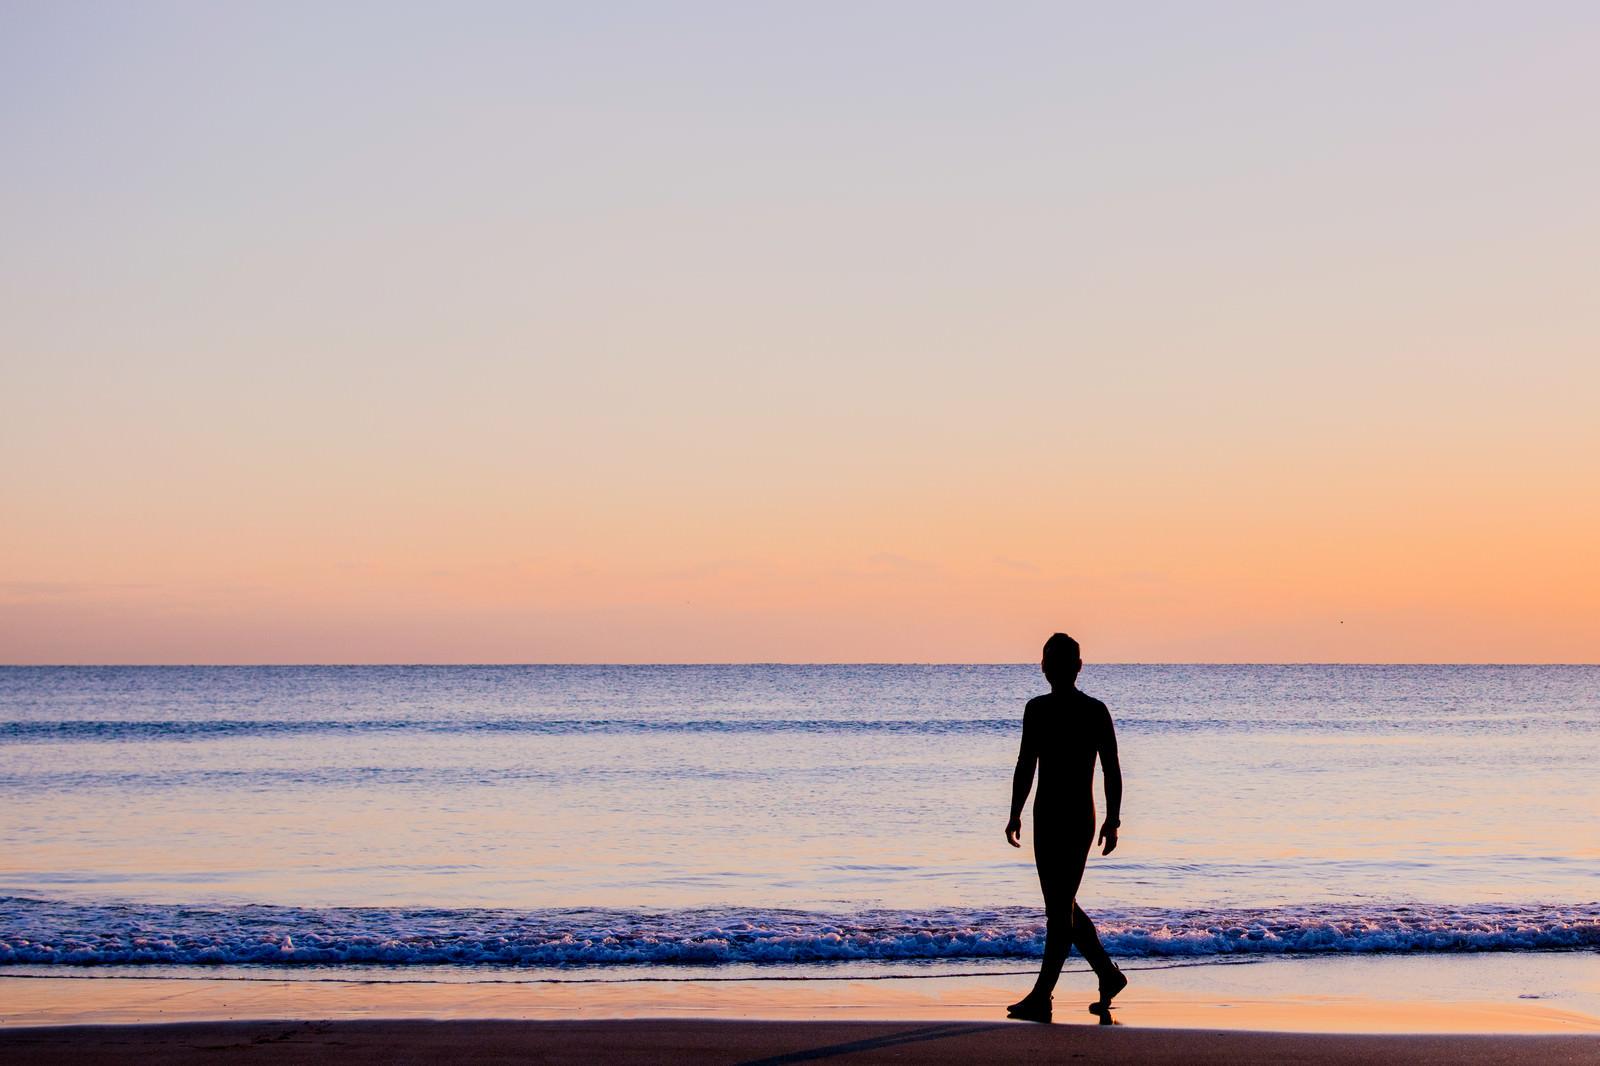 「夕暮れの砂浜を歩く男性のシルエット」の写真